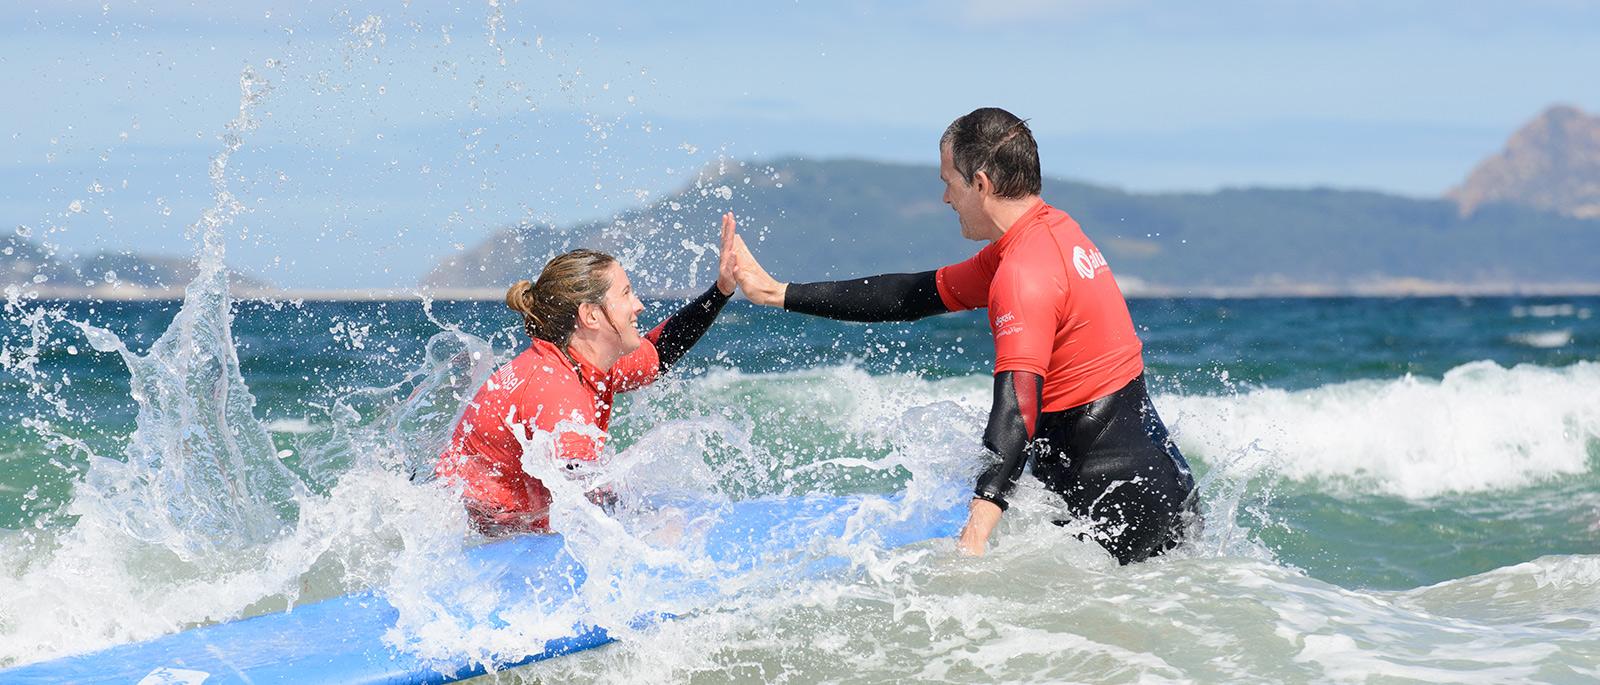 choque de manos diversión surf